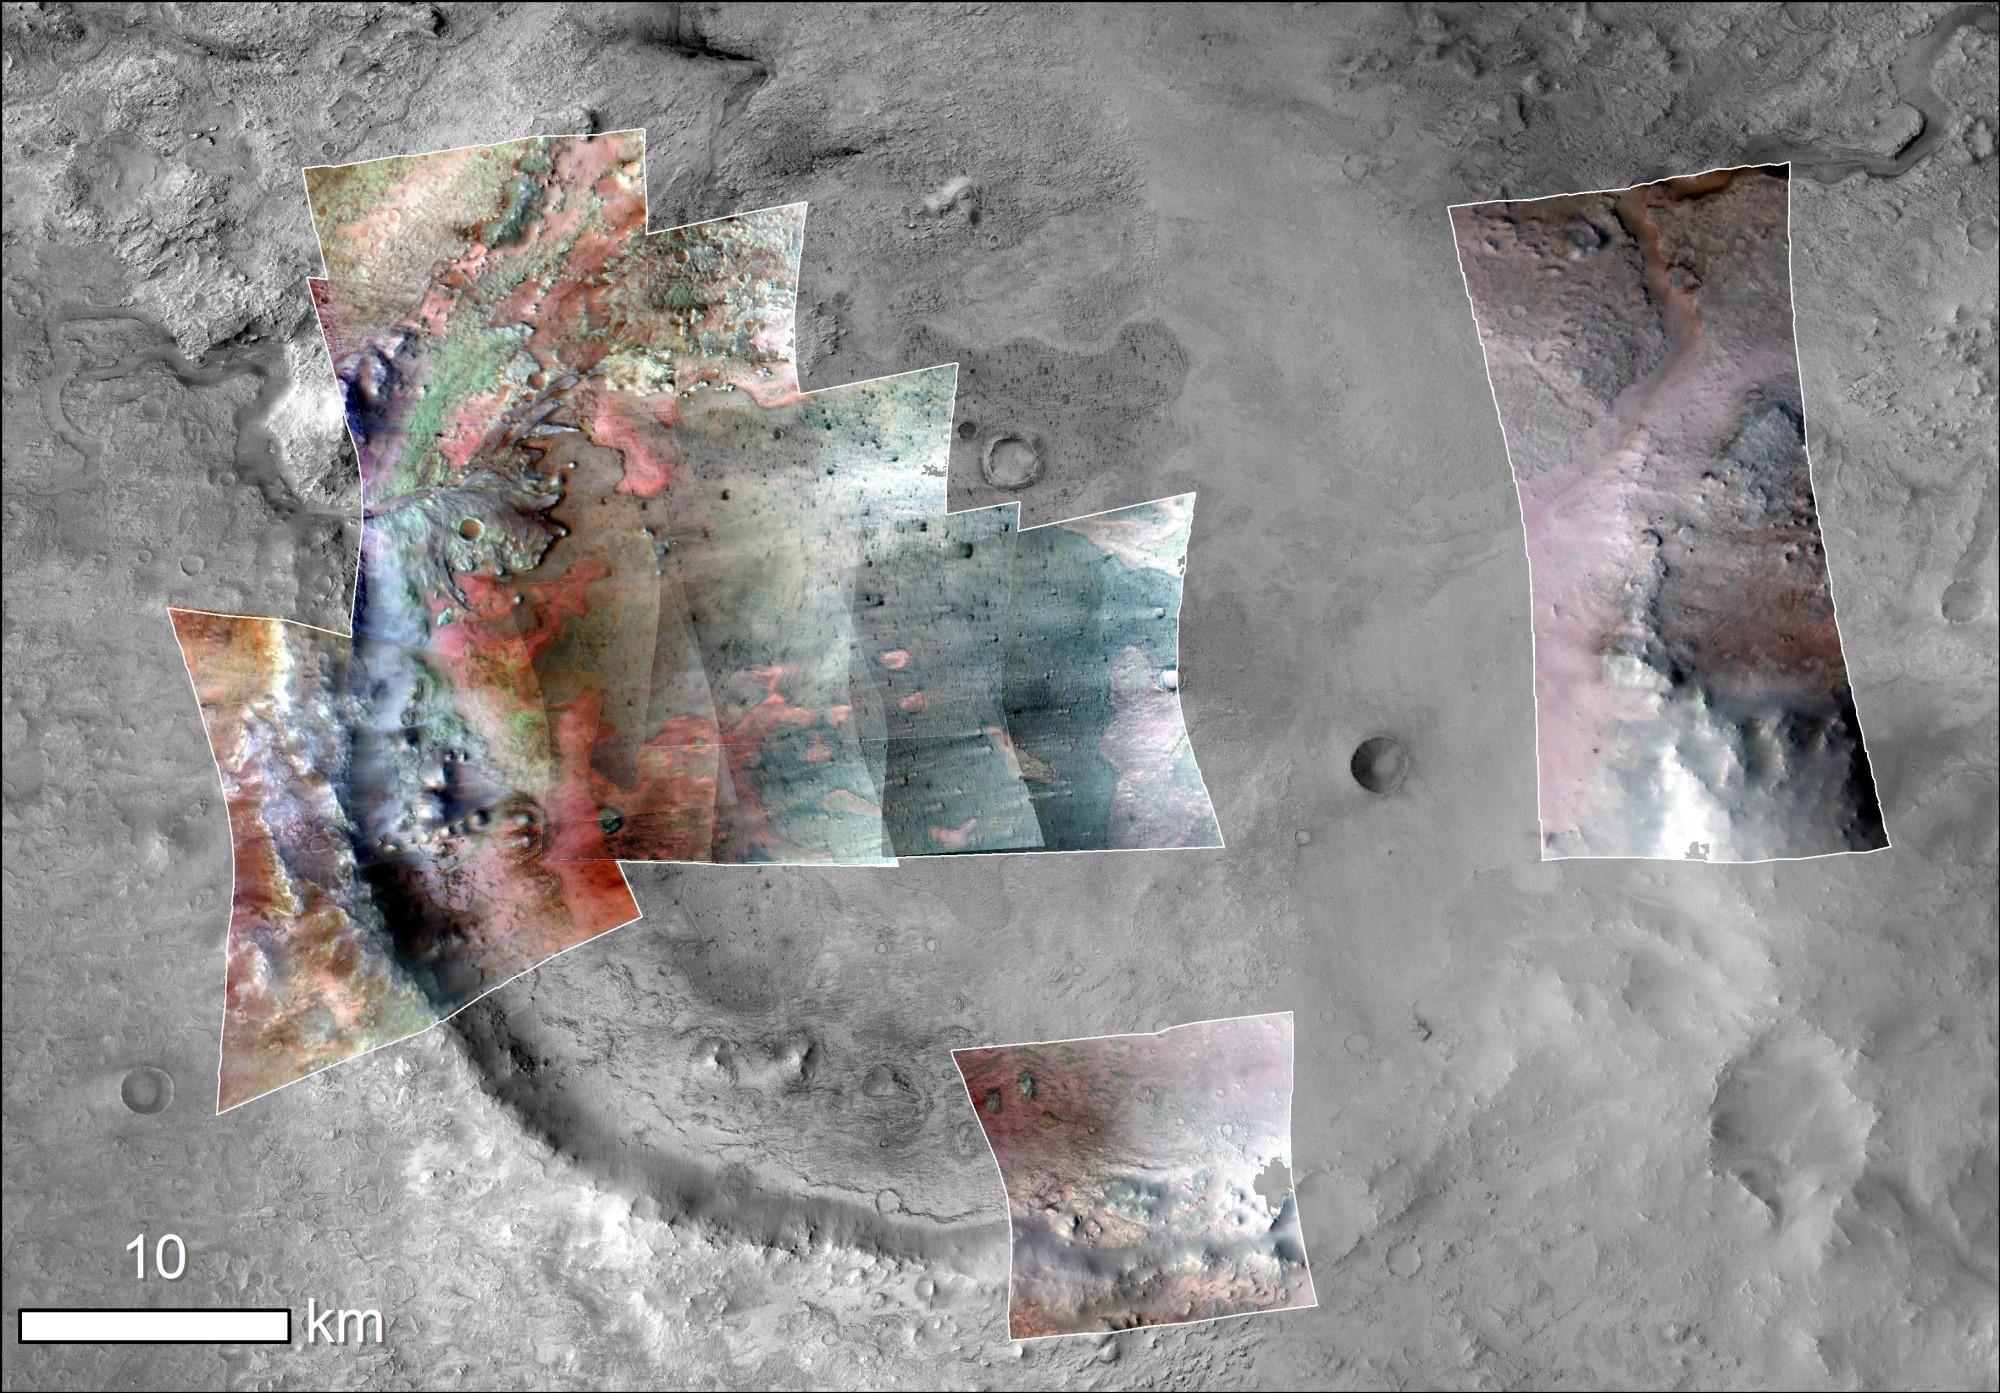 Jezero_crater_minerals_2k.jpg